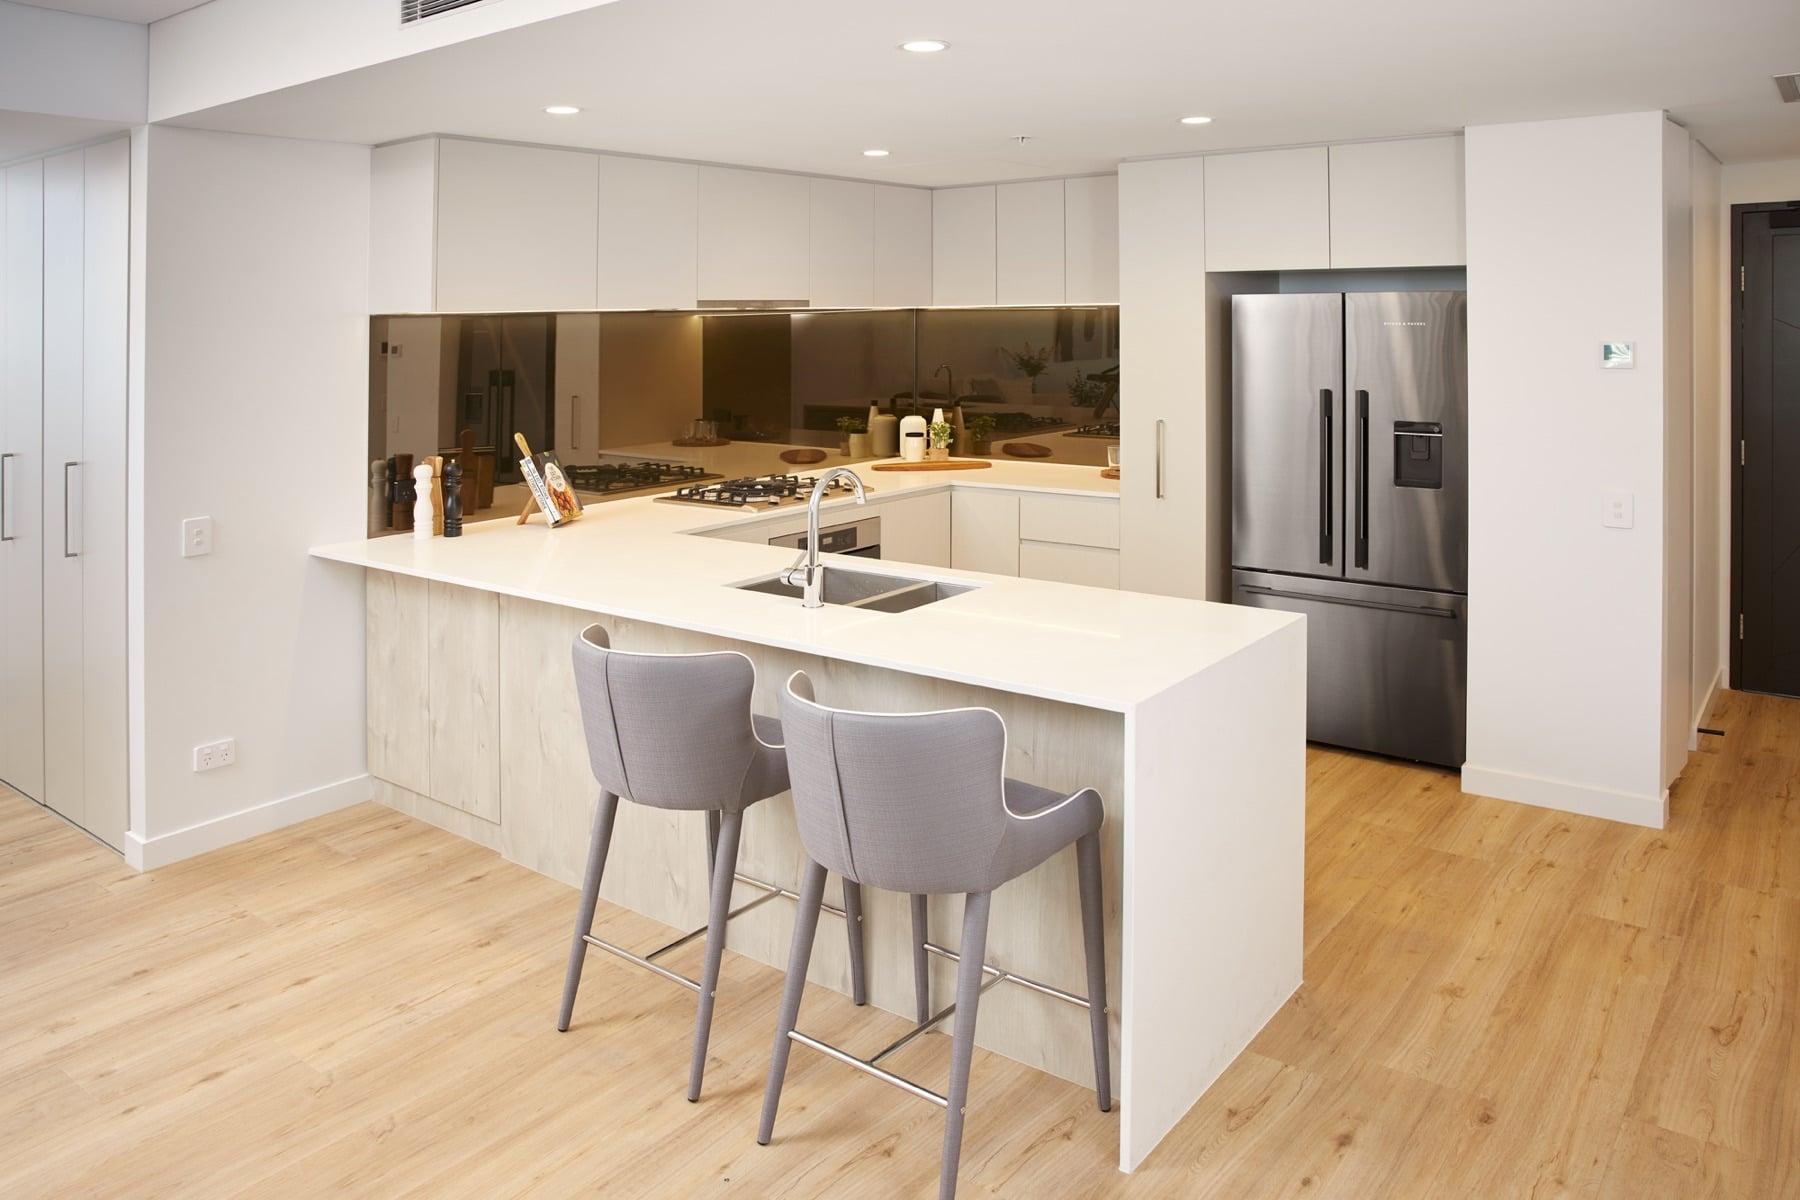 2 Bedroom - Kitchen